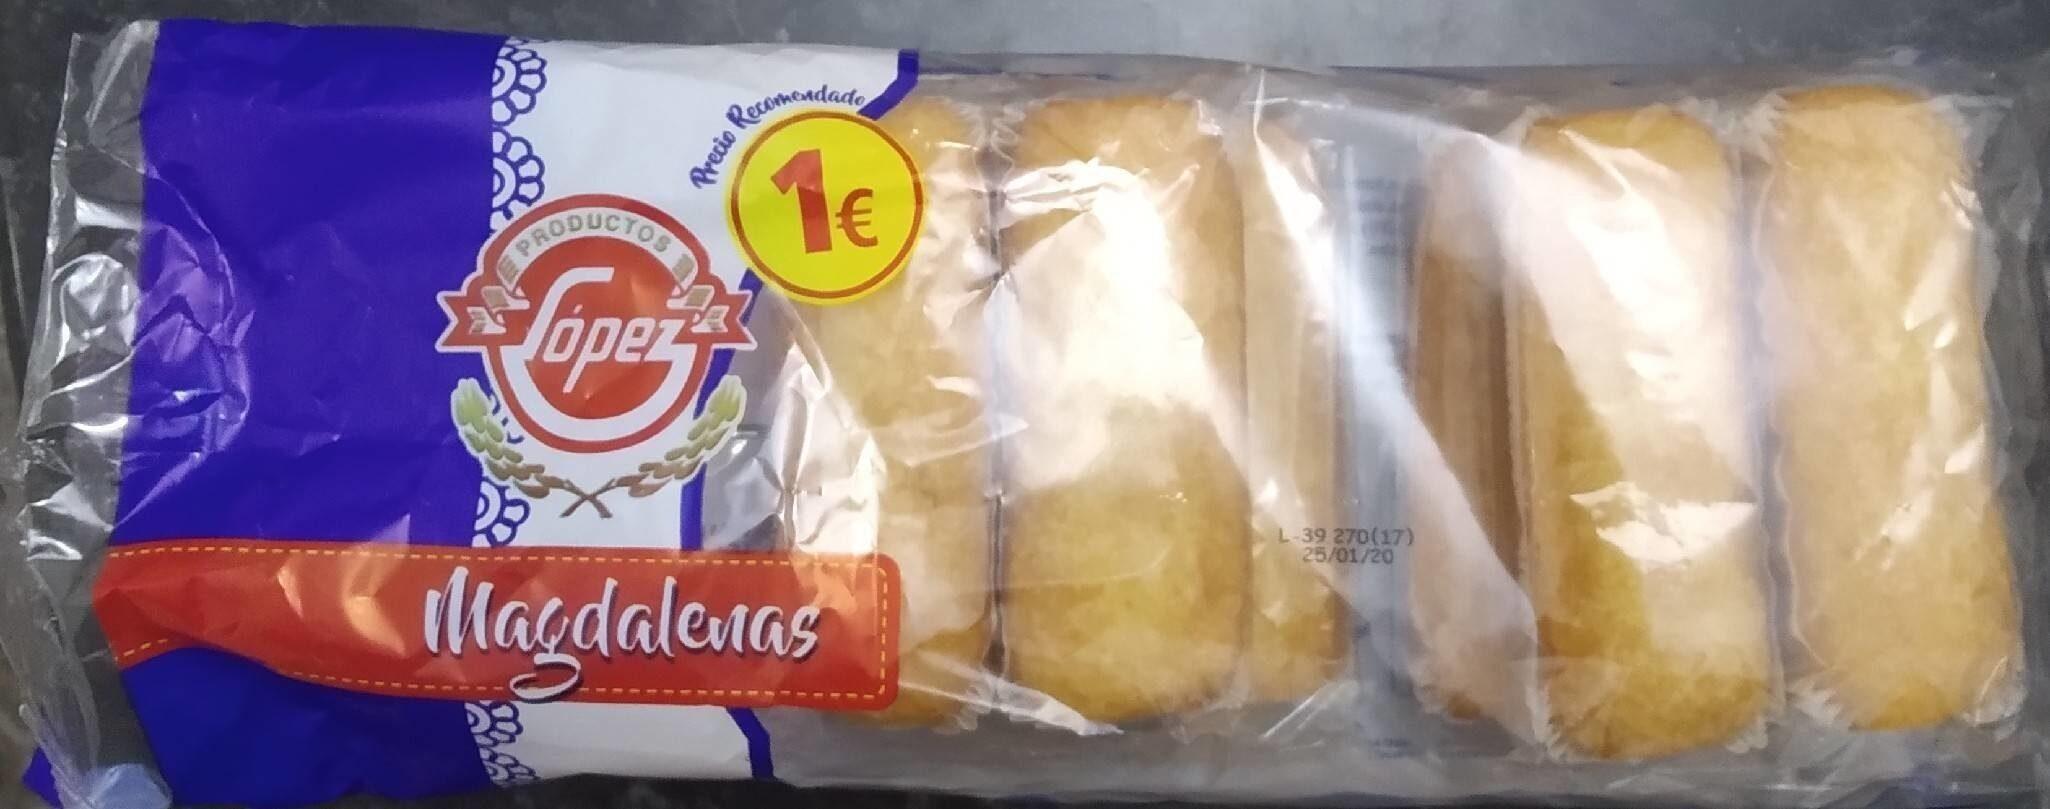 Magdalenas - Producto